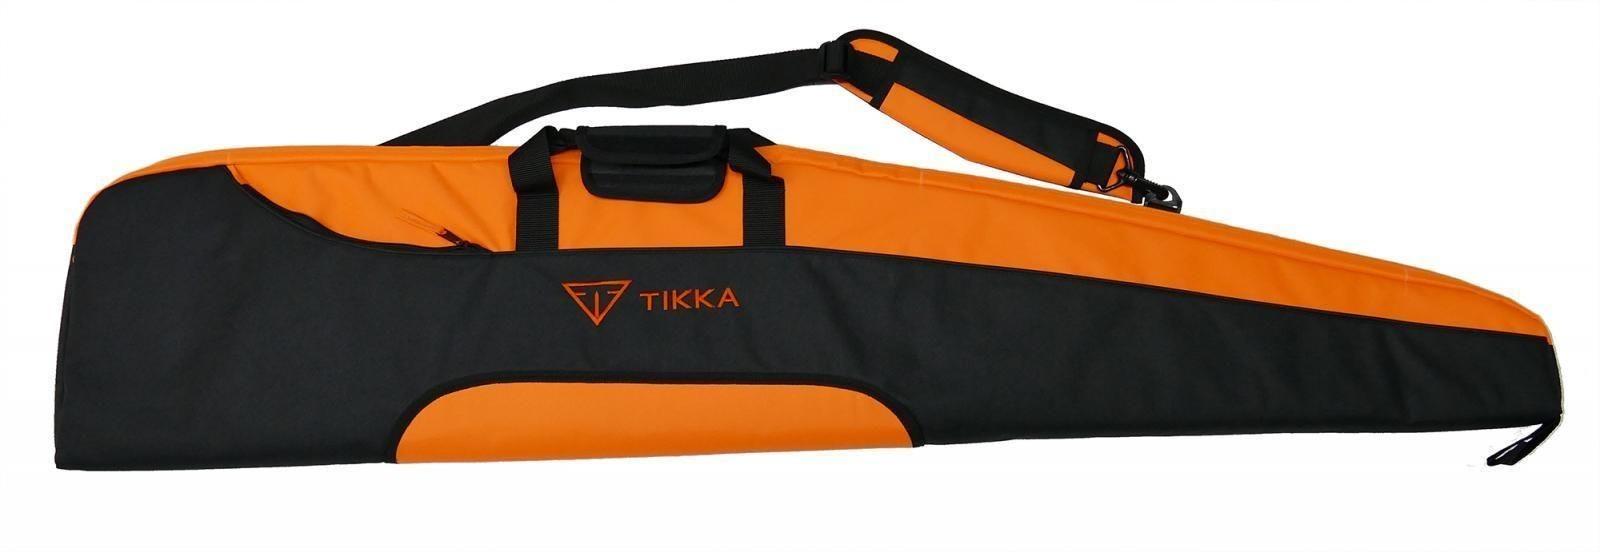 Tikka T3x Adjustable - Drevjaktspaket